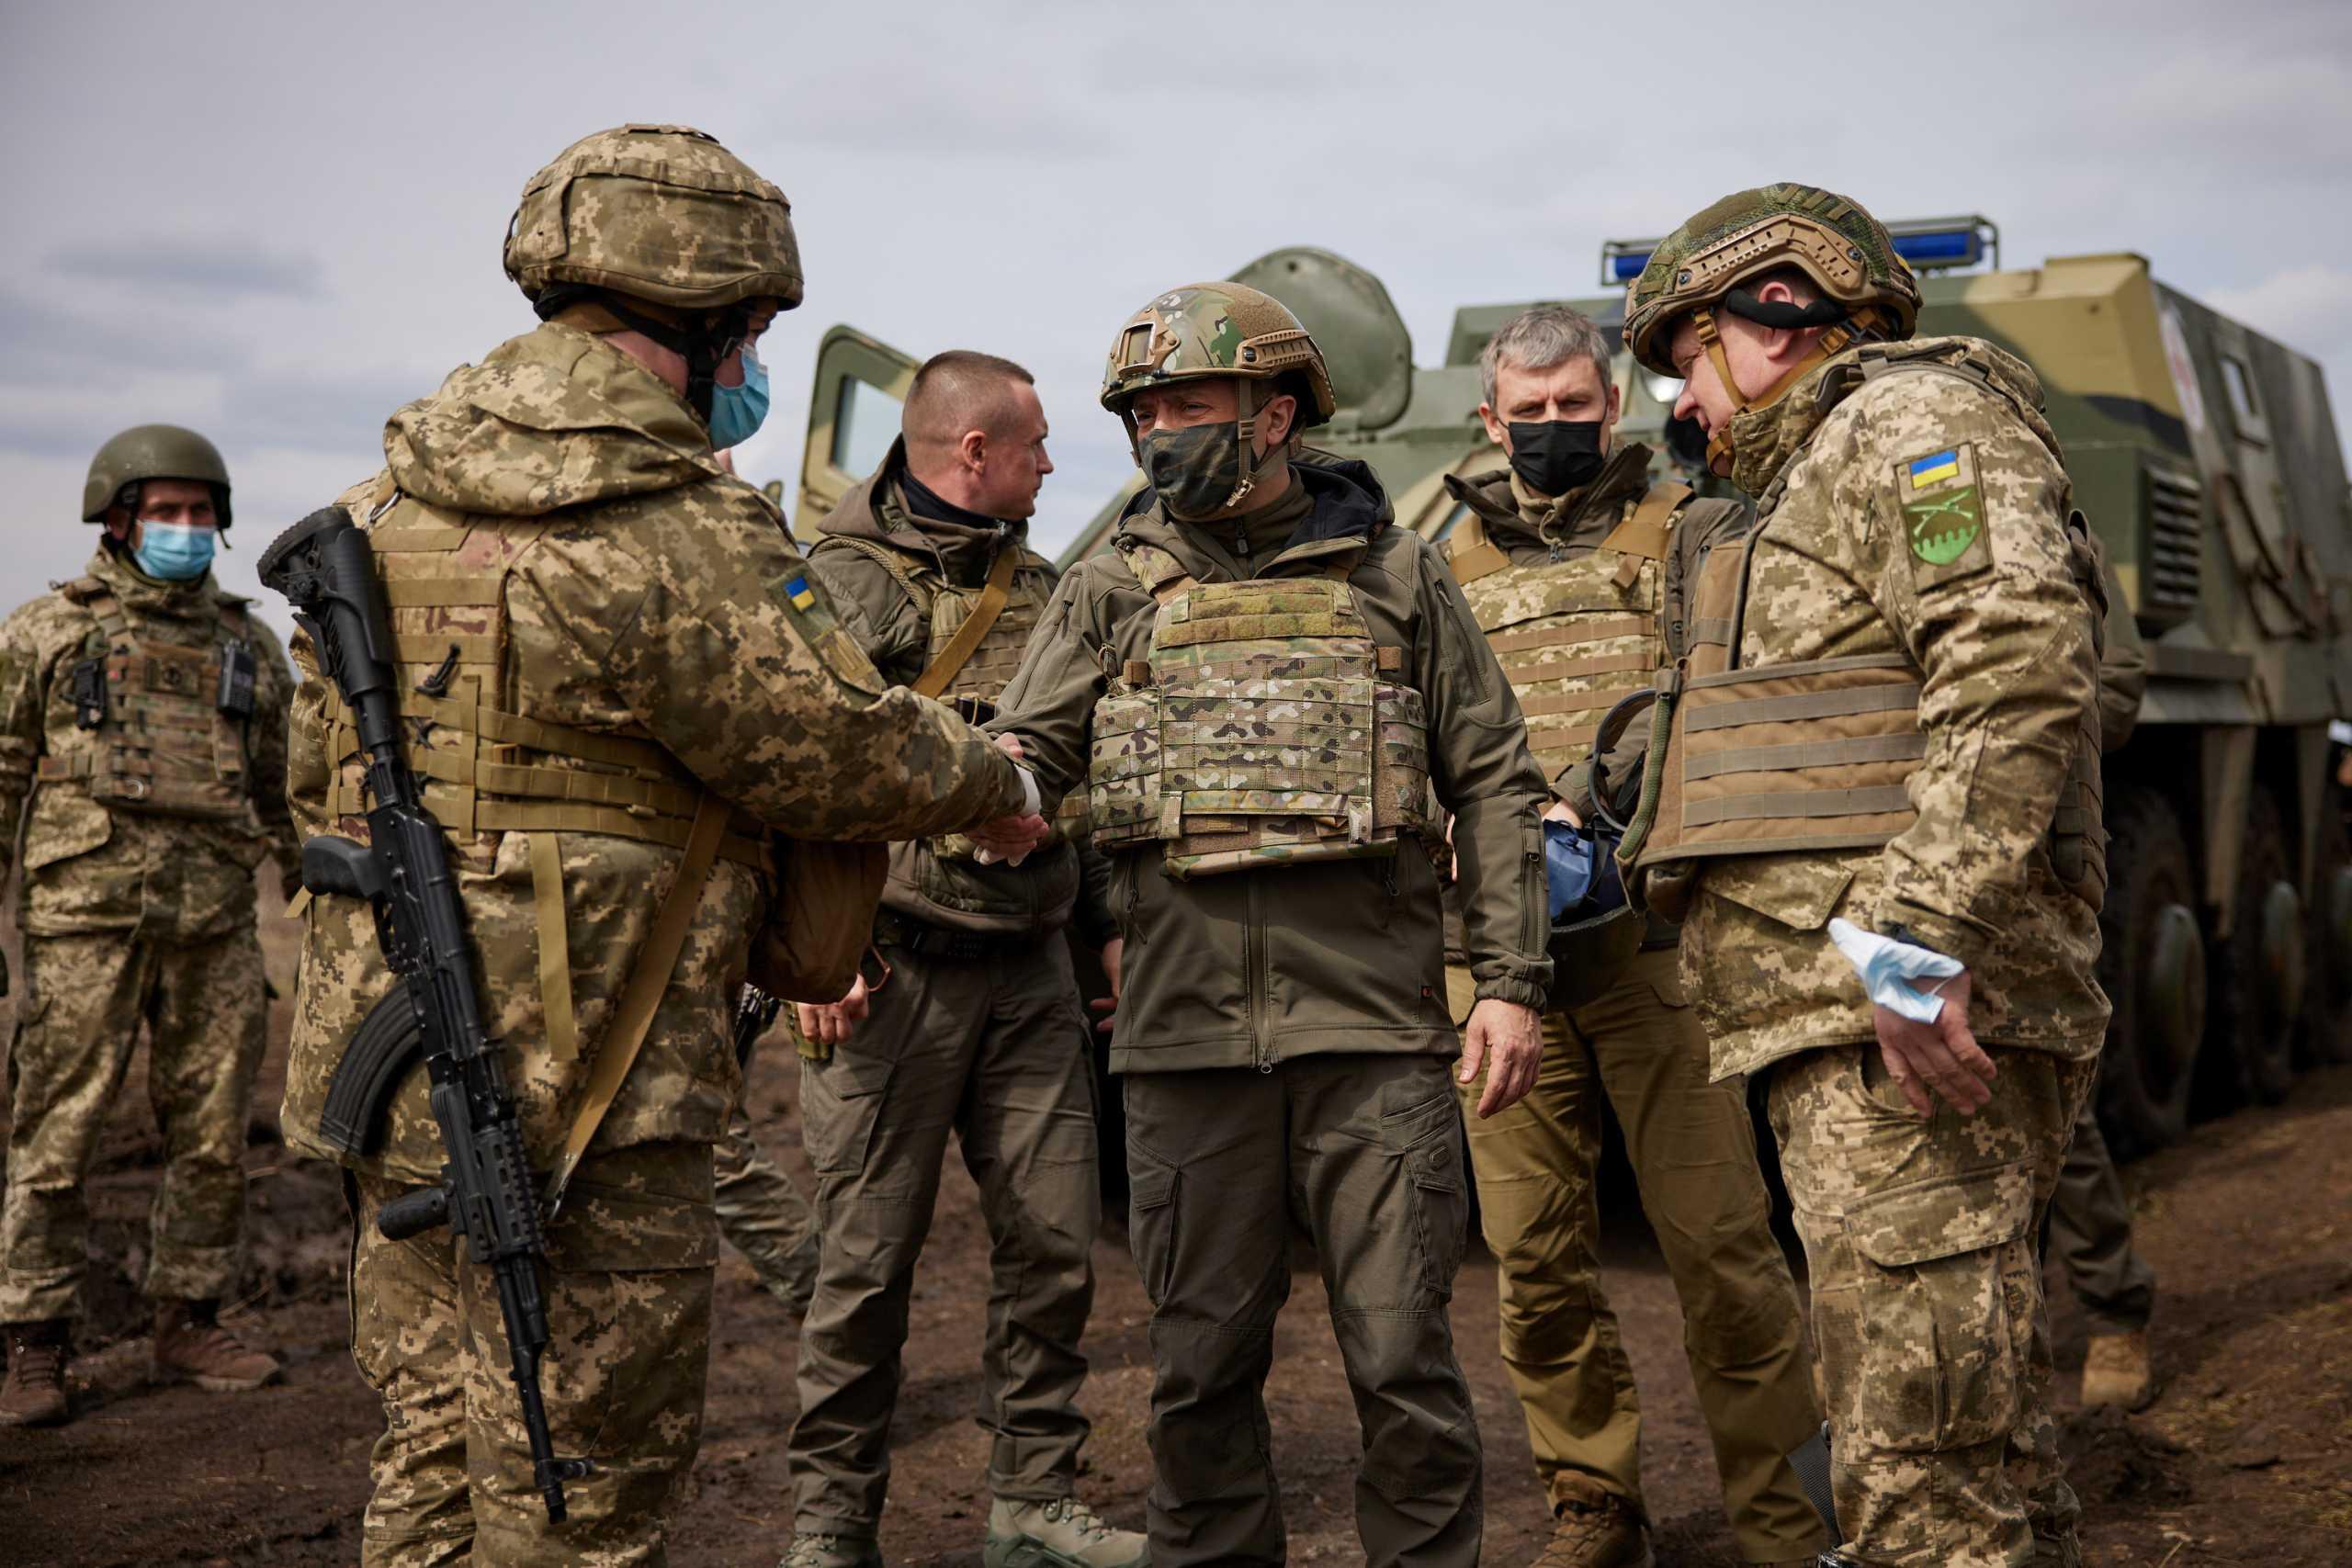 Ουκρανία: Στην «πρώτη γραμμή» ο Πρόεδρος Ζελένσκι – «Τα είπαν» Μέρκελ και Πούτιν! [pics]